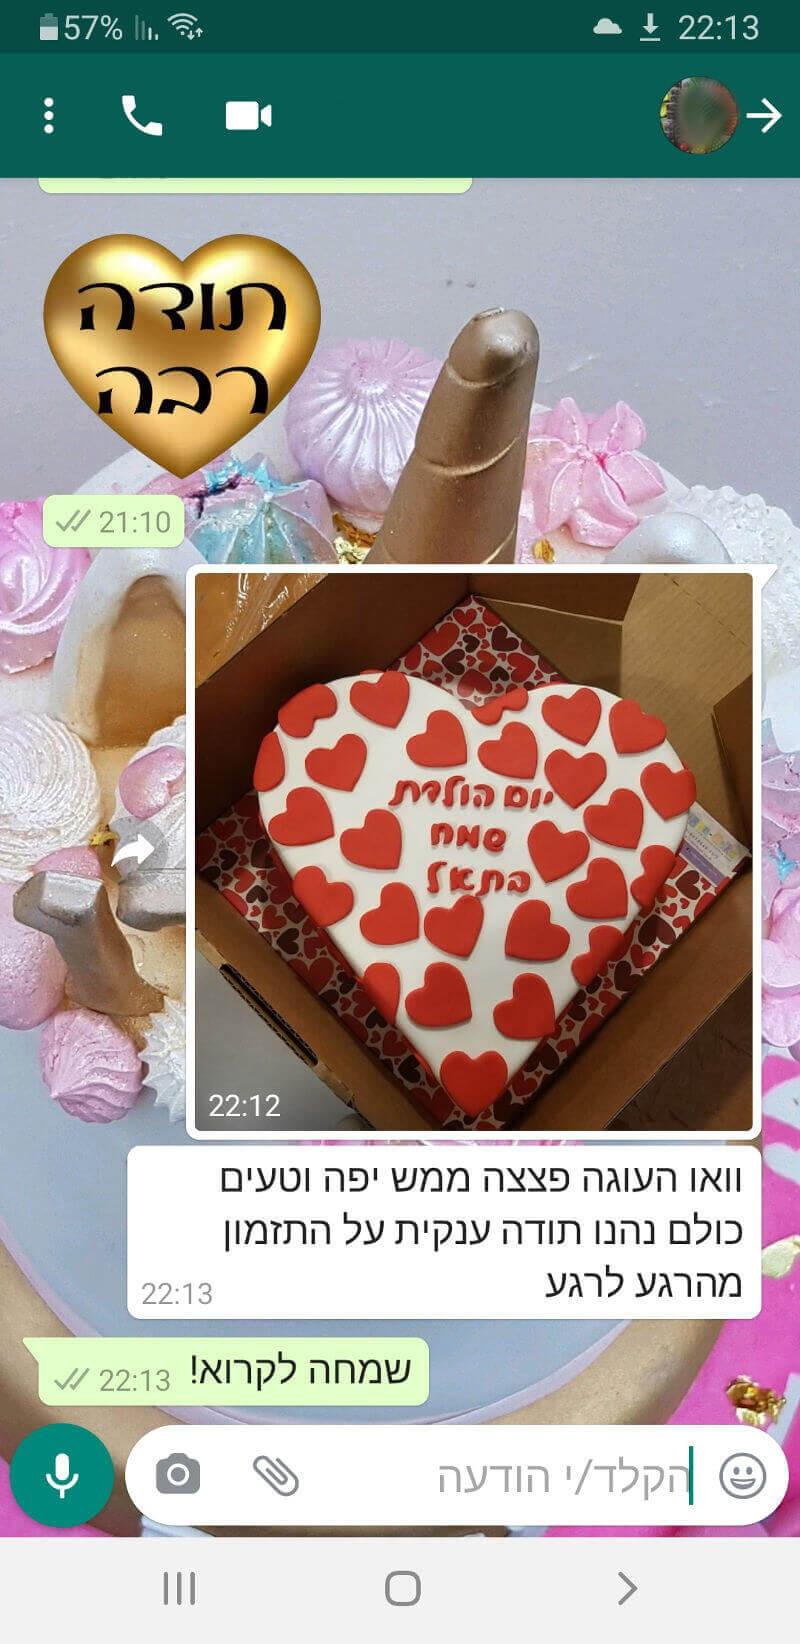 ביקורות מלוקוחת לעוגה מדהימה בהתראה קצרה